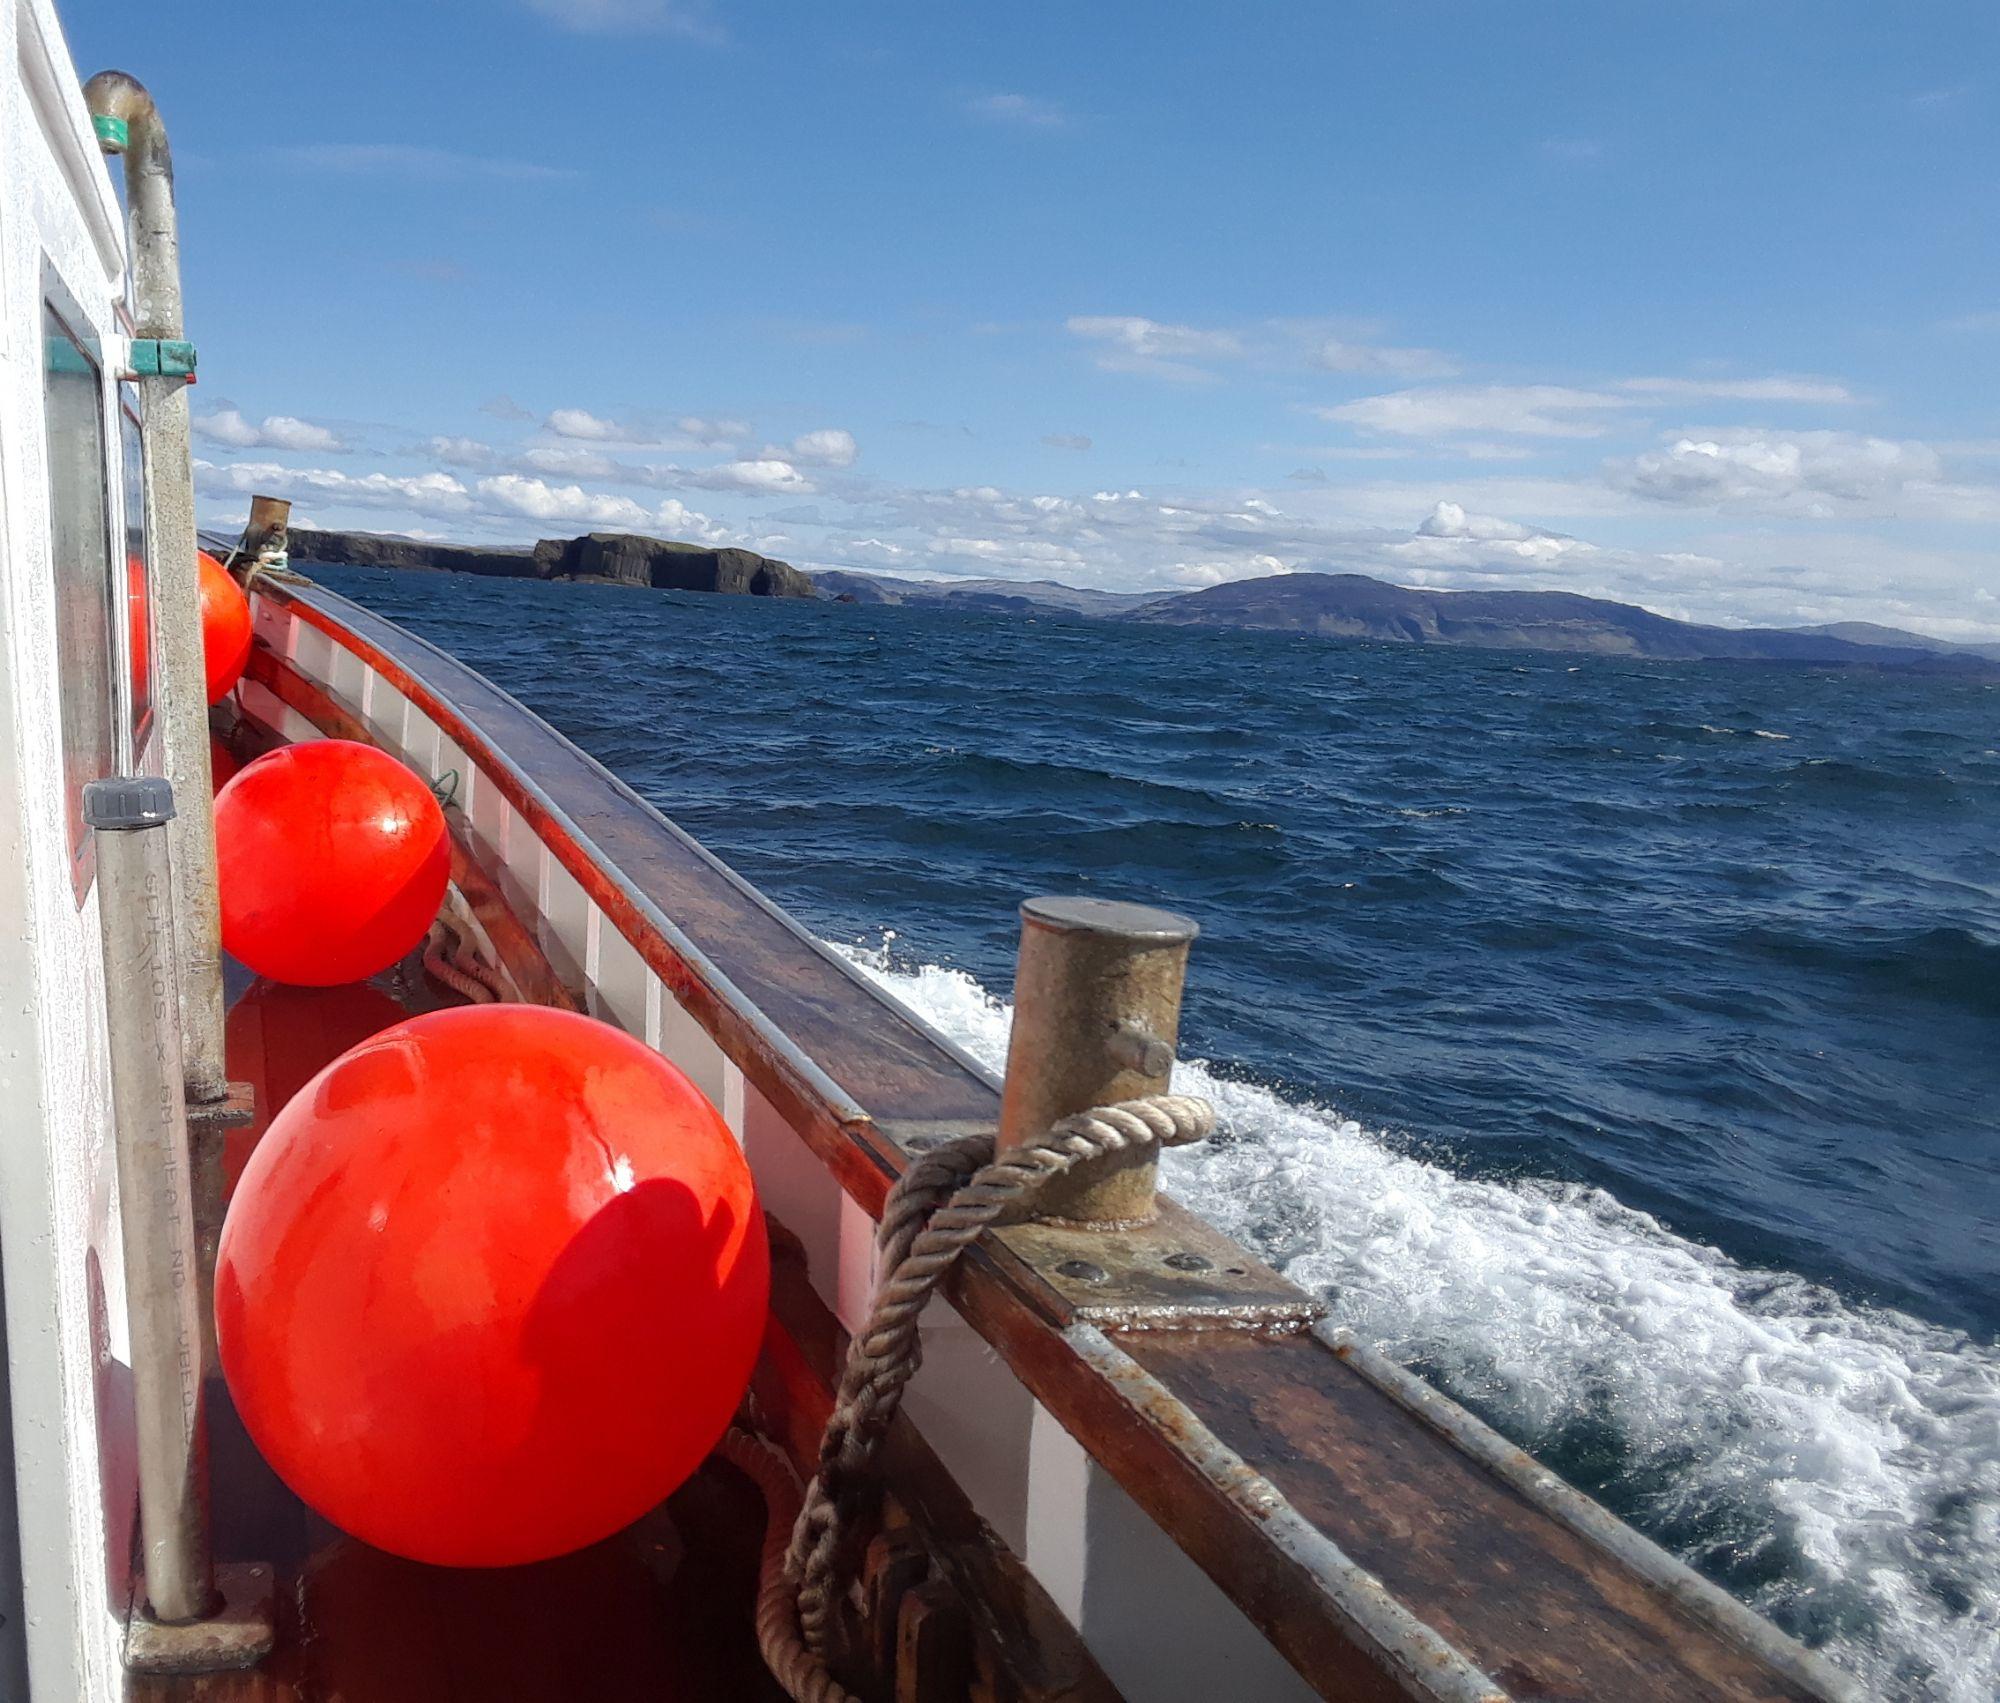 Approaching Staffa